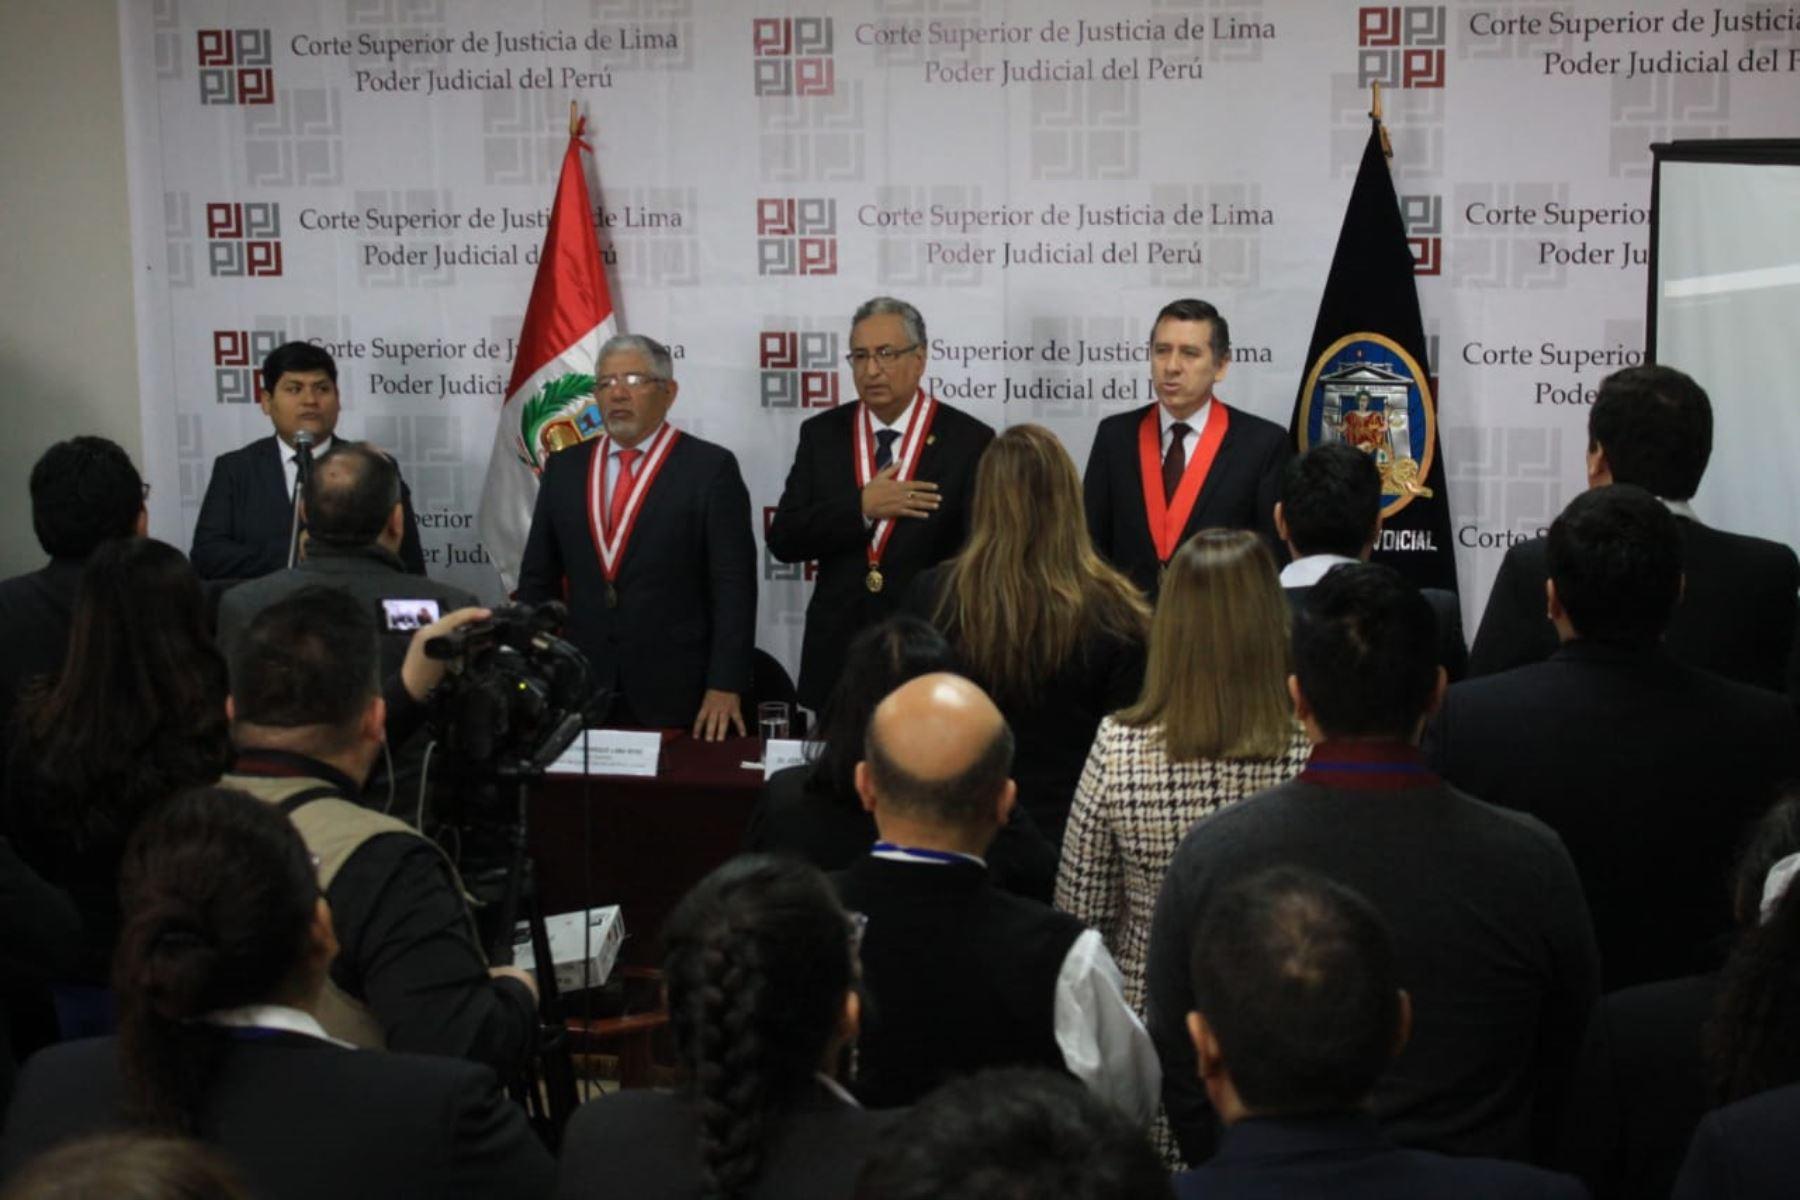 Poder Judicial pone en funcionamiento modulo de litigación oral en Corte Superior de Lima.